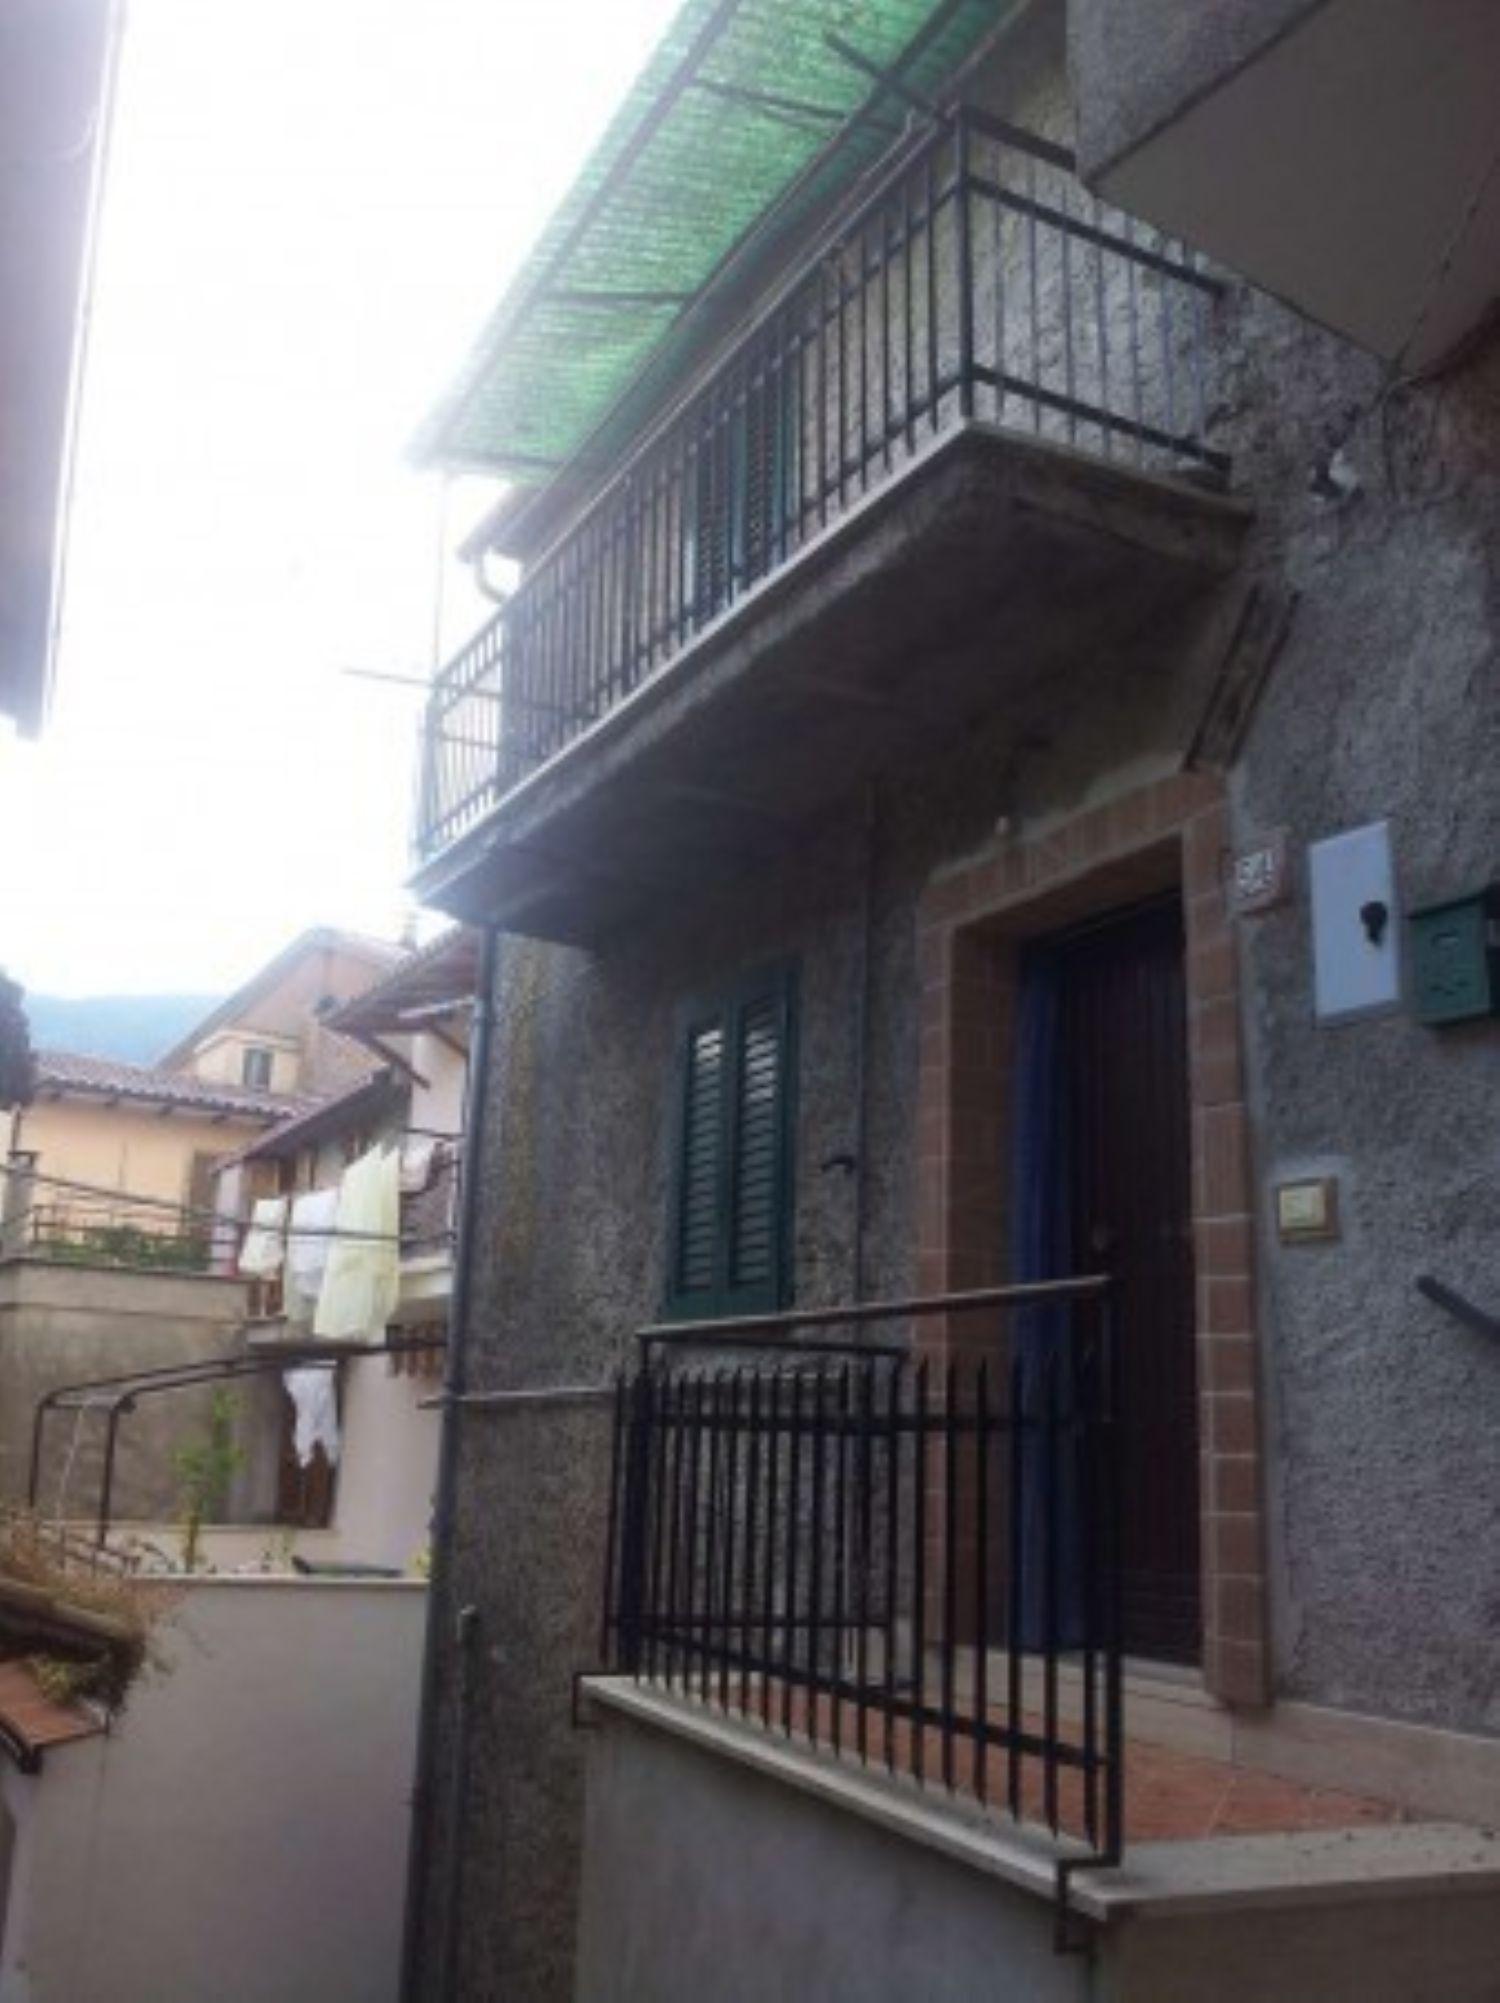 Appartamento in vendita a Agosta, 3 locali, prezzo € 58.000 | CambioCasa.it